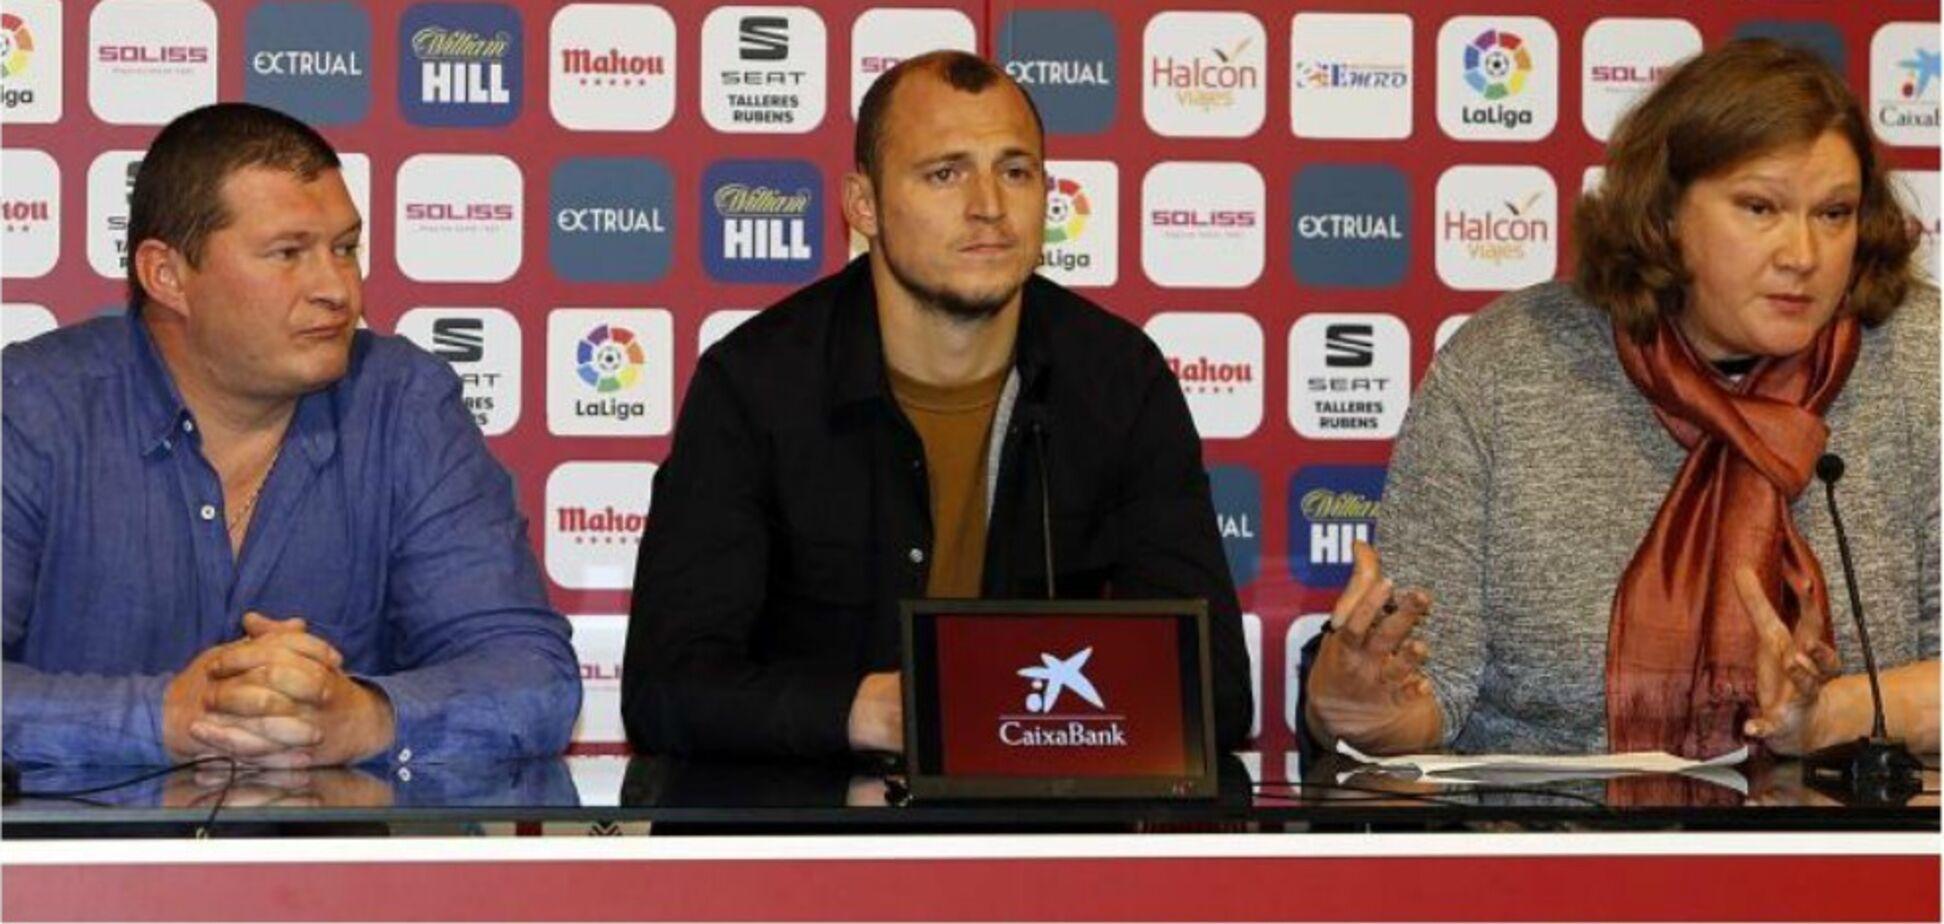 Зозуля сделал официальное заявление по скандалу в Испании, вспомнив Зеленского